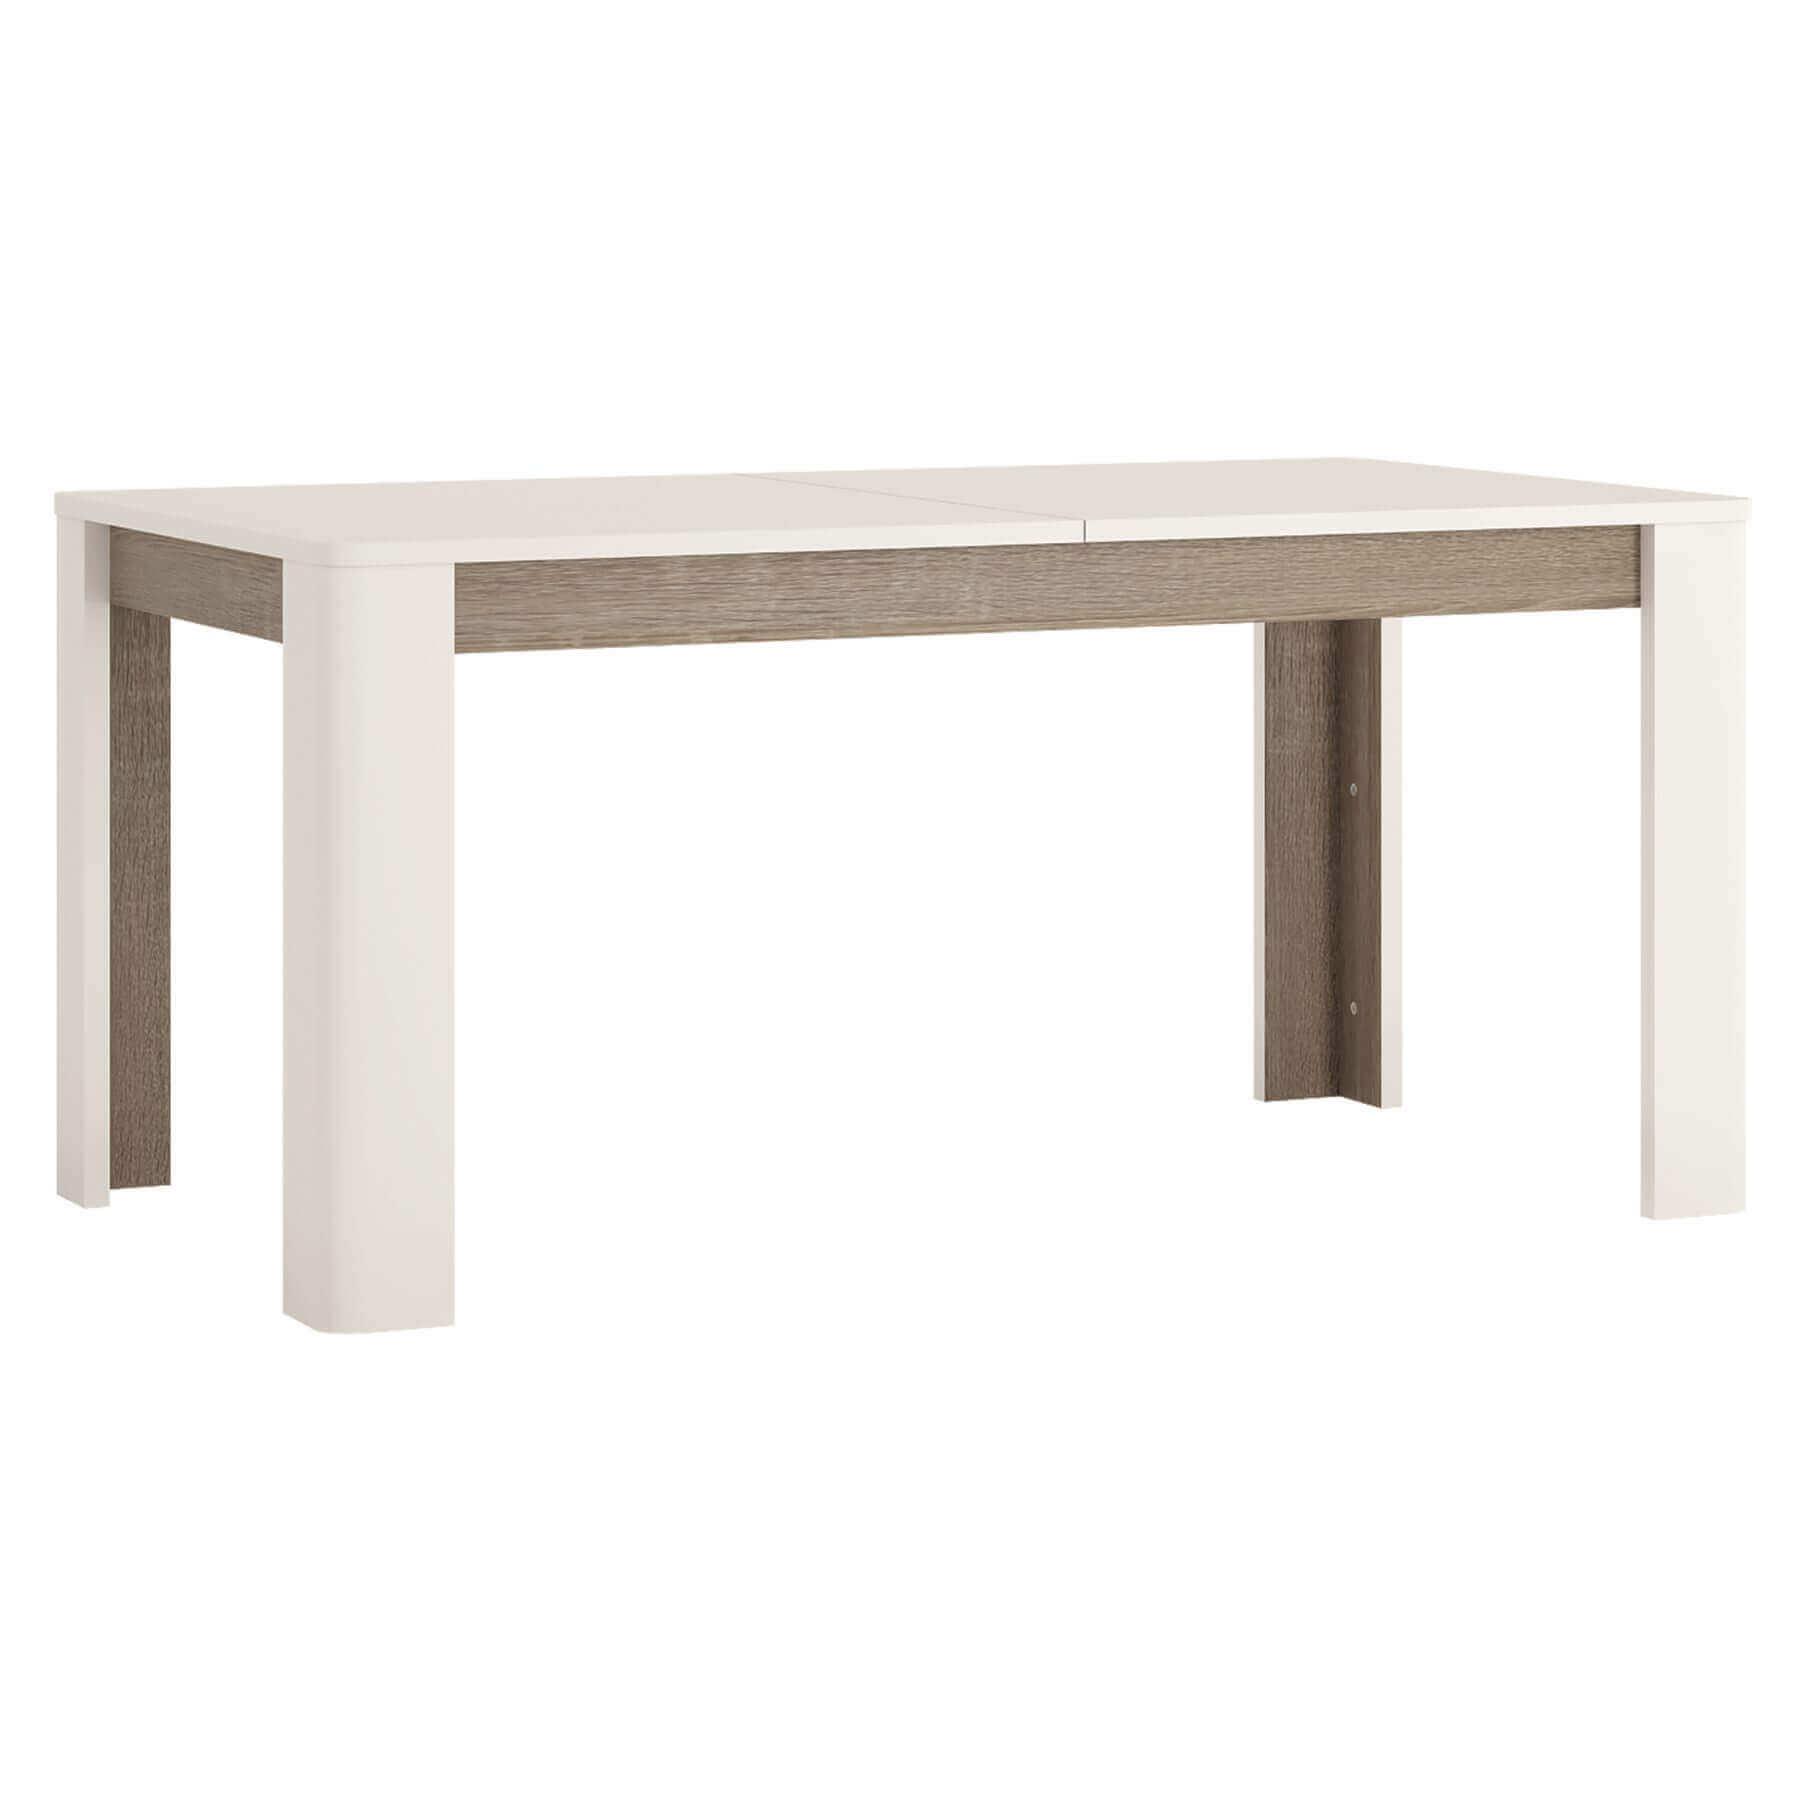 Mode Extending White Gloss Dining Table 1